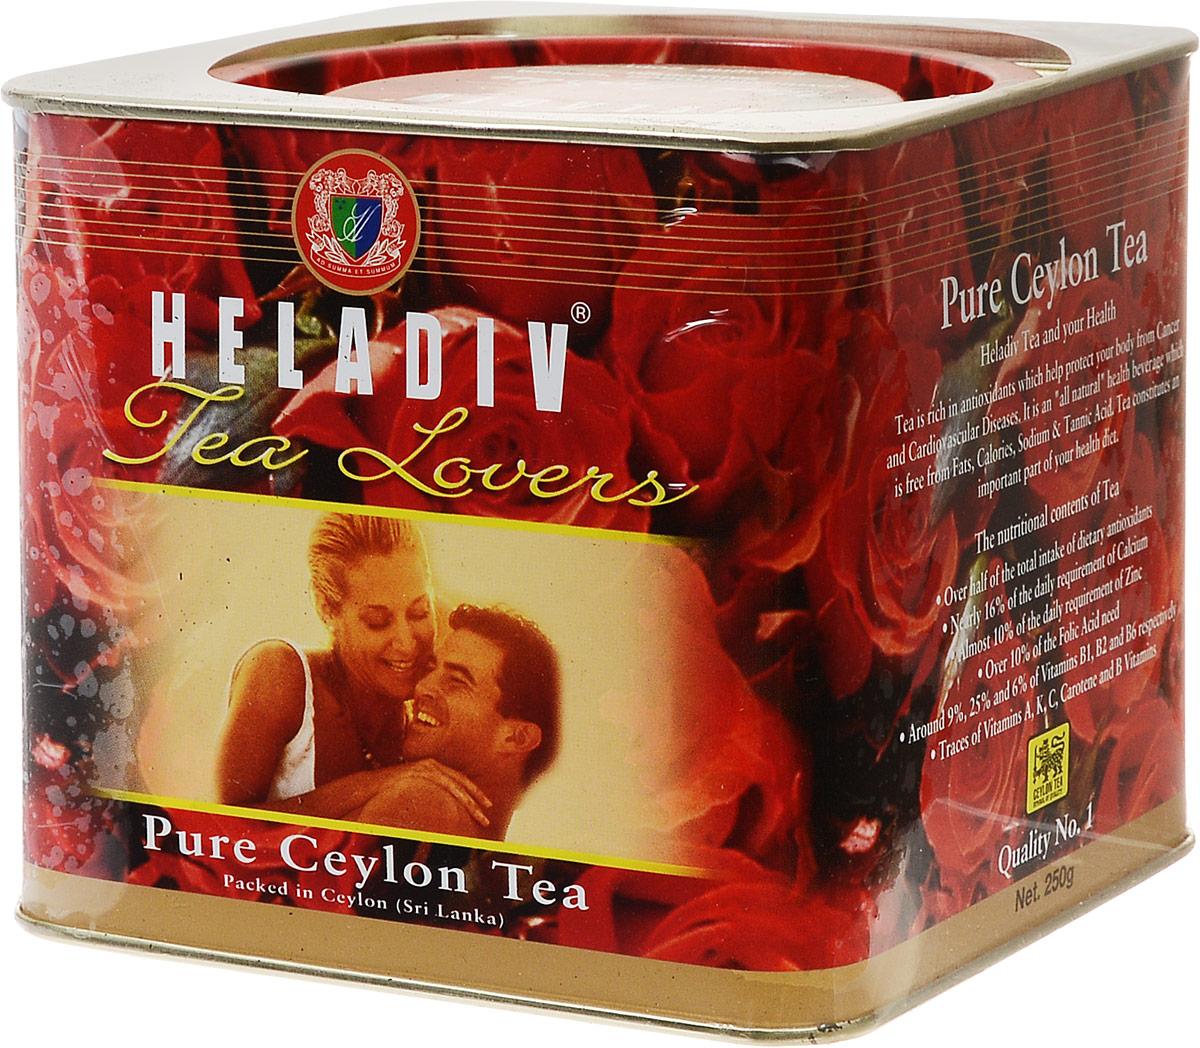 Heladiv Tea Lovers черный листовой чай, 250 г0120710Черный листовой чай Heladiv Tea Lovers - чудесный исцеляющий напиток, снимающий чувство усталости, повышающий работоспособность организма.Способствует выведению вредных веществ из организма, укрепляет сердечно-сосудистую систему, снижает риск заболевания раком. Чай Хеладив - экологически чистый продукт, не содержит вредных веществ и жиров, в нем мало калорий, он является неотъемлемой важной частью вашей здоровой диеты.